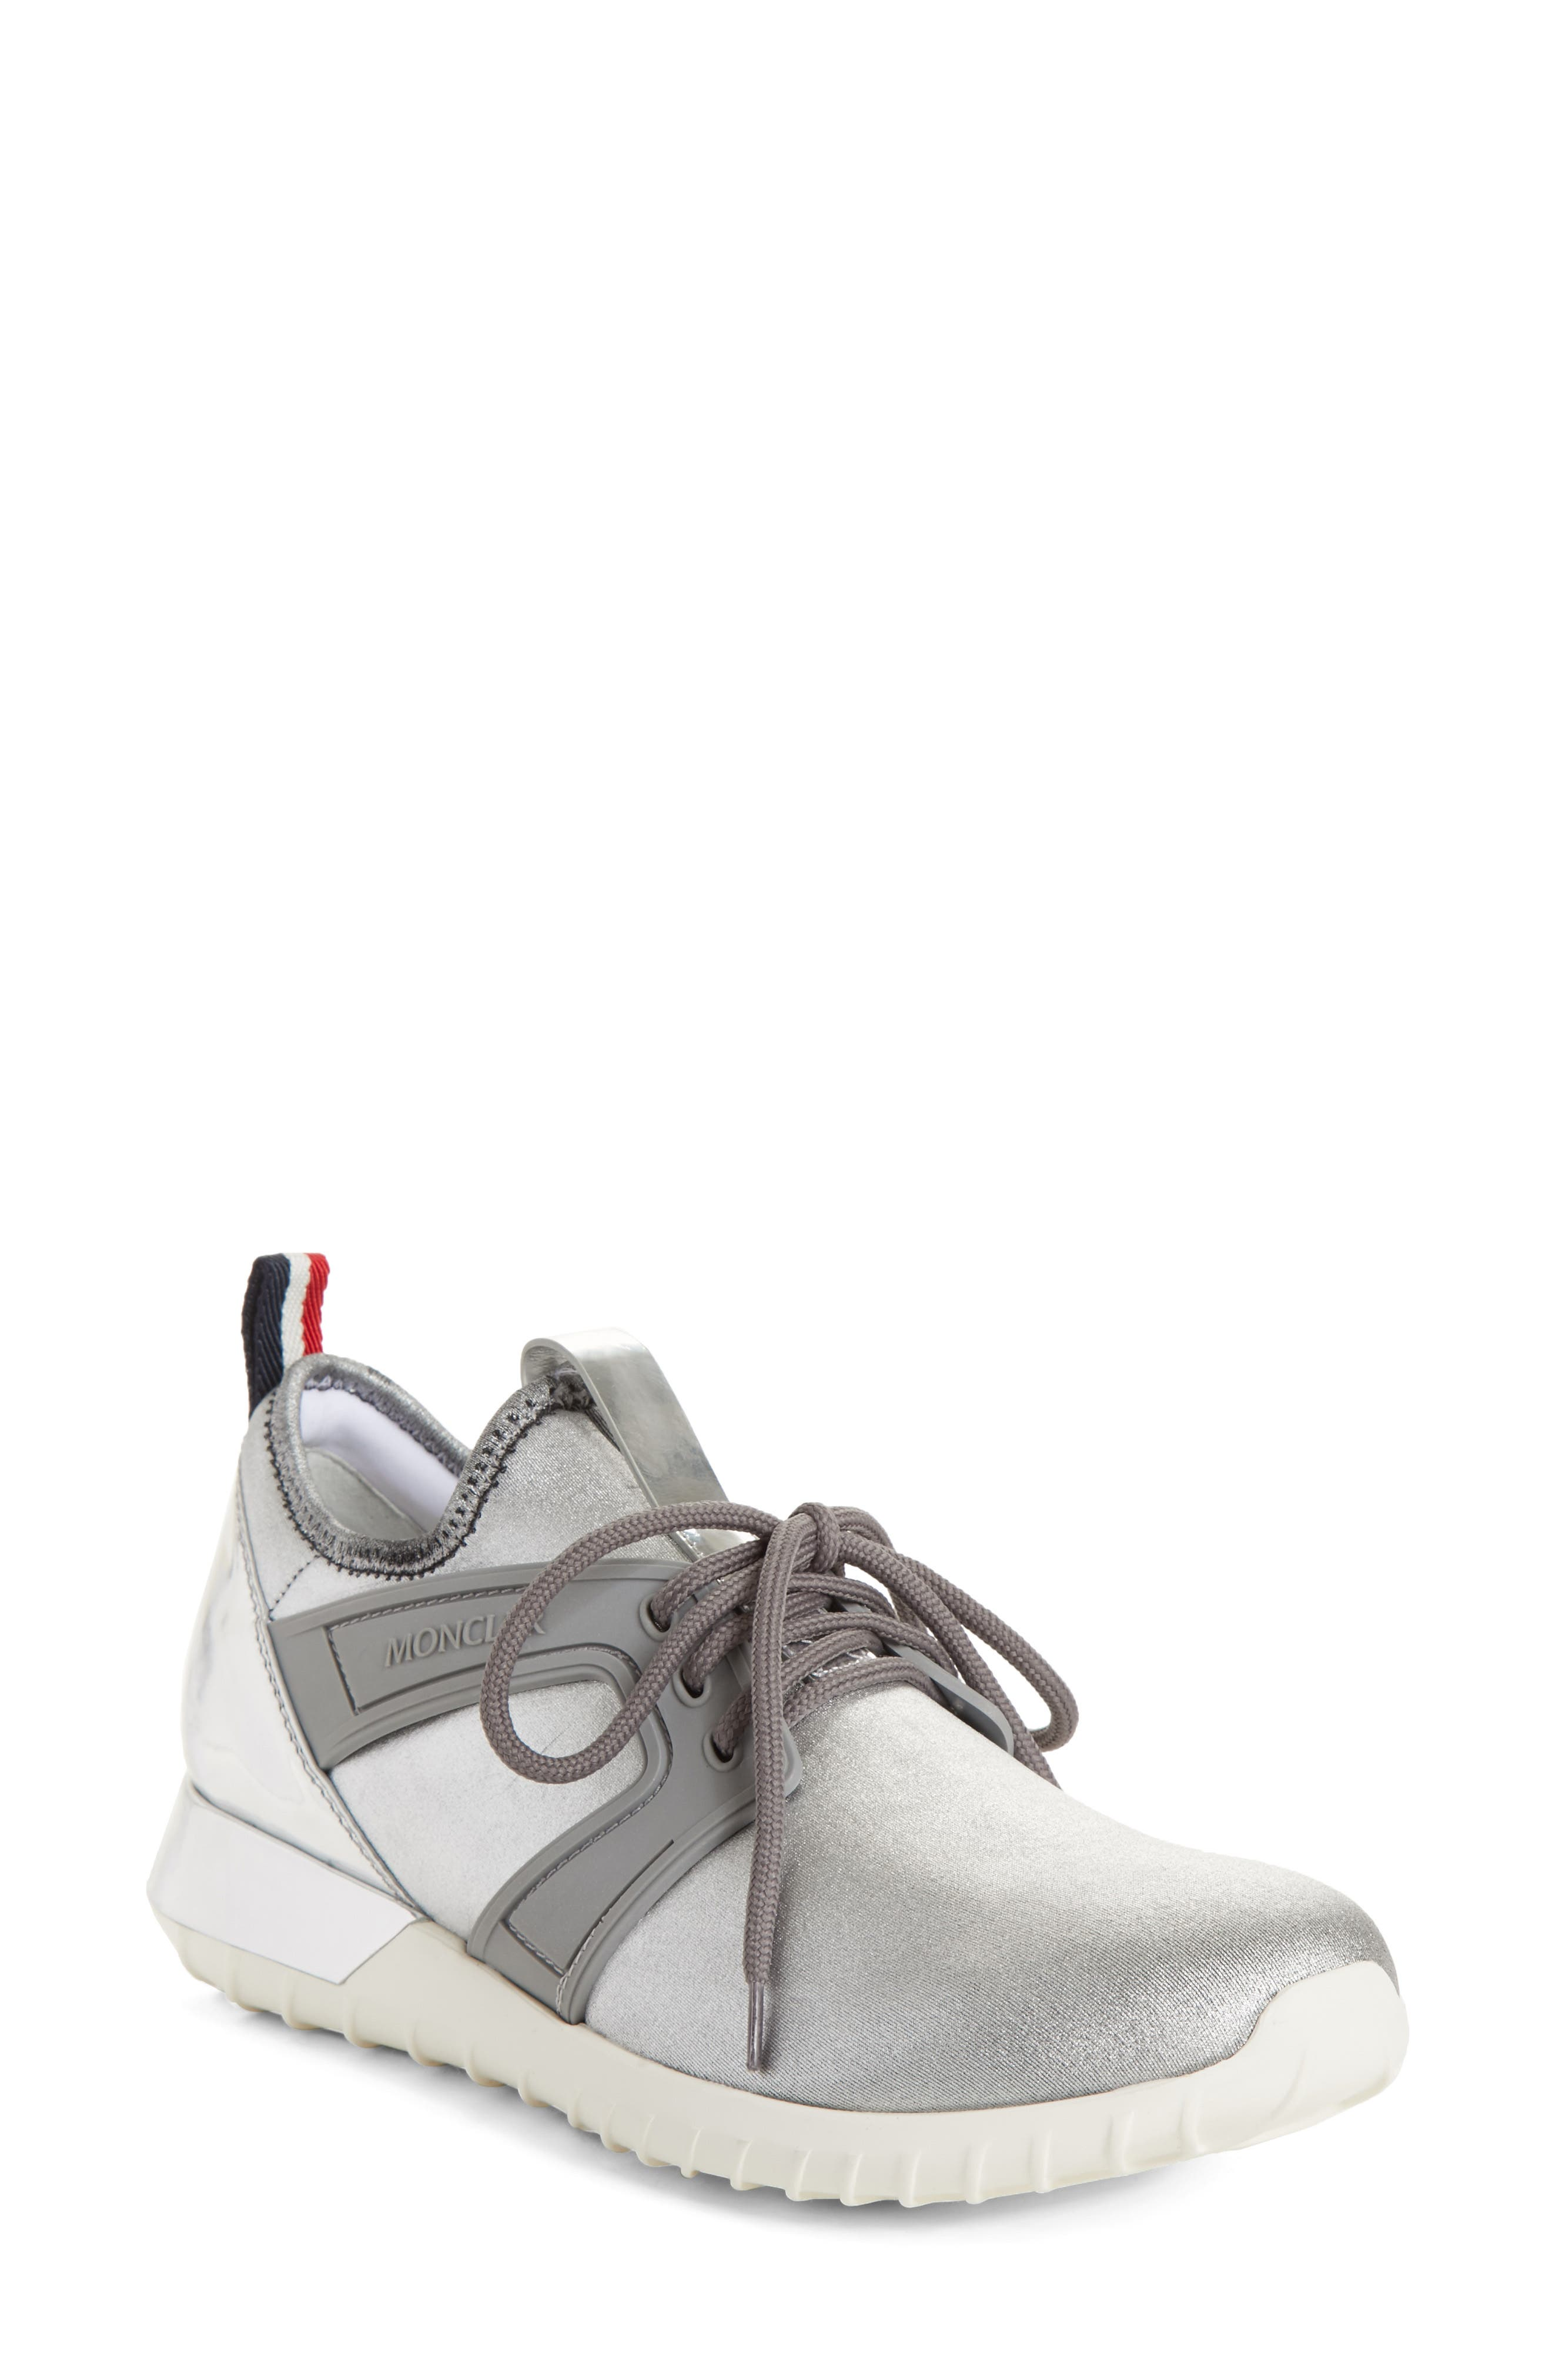 Meline Runner Sneaker,                         Main,                         color, Silver